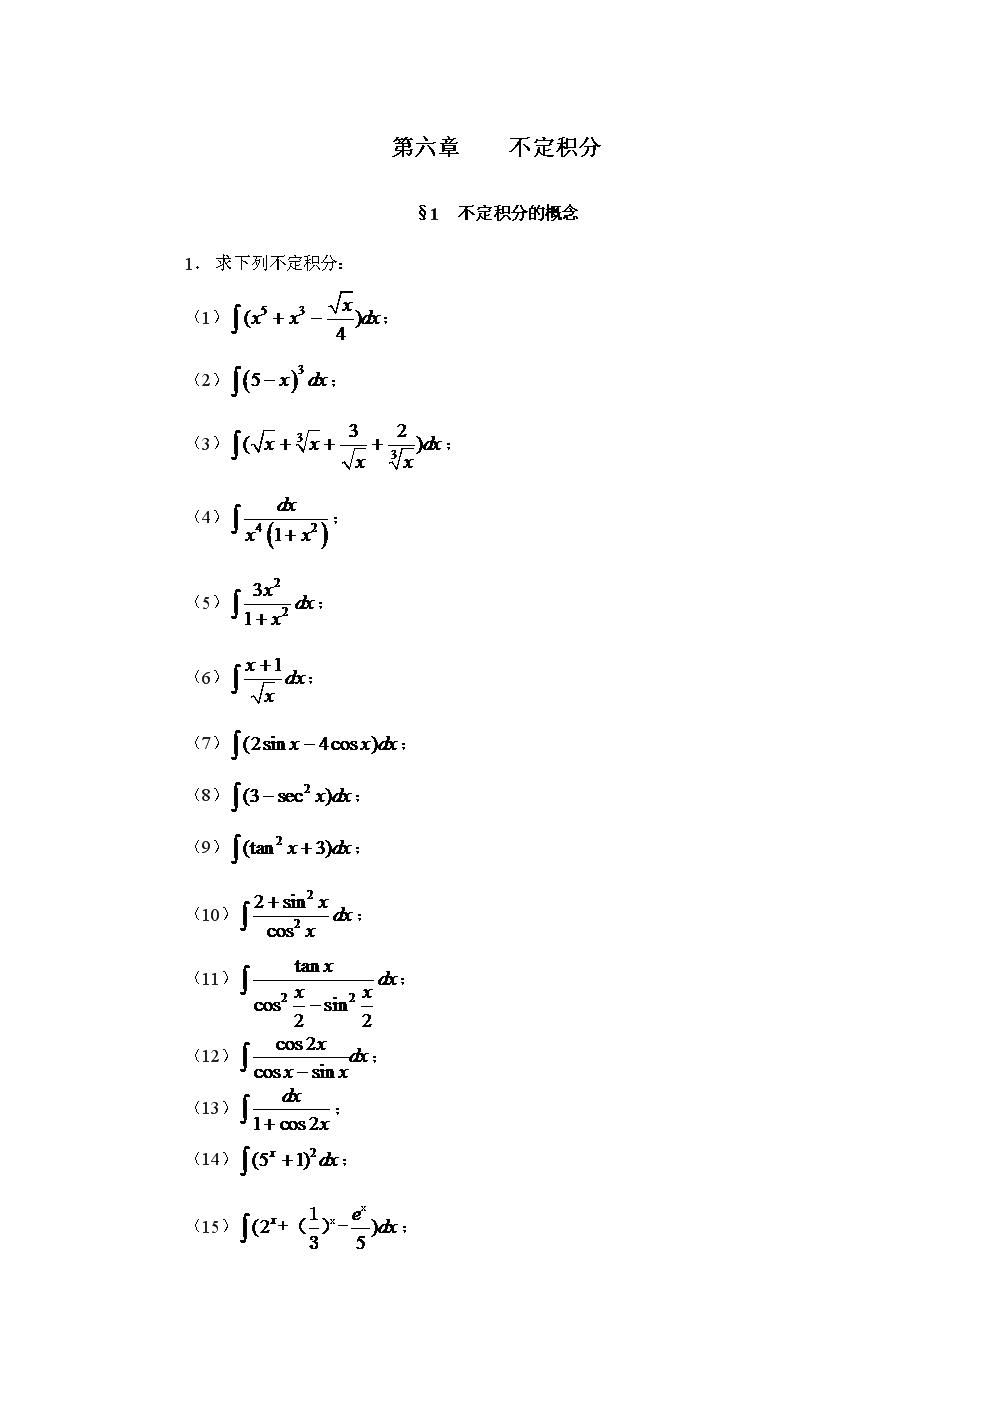 【数学分析习题】不定积分.doc